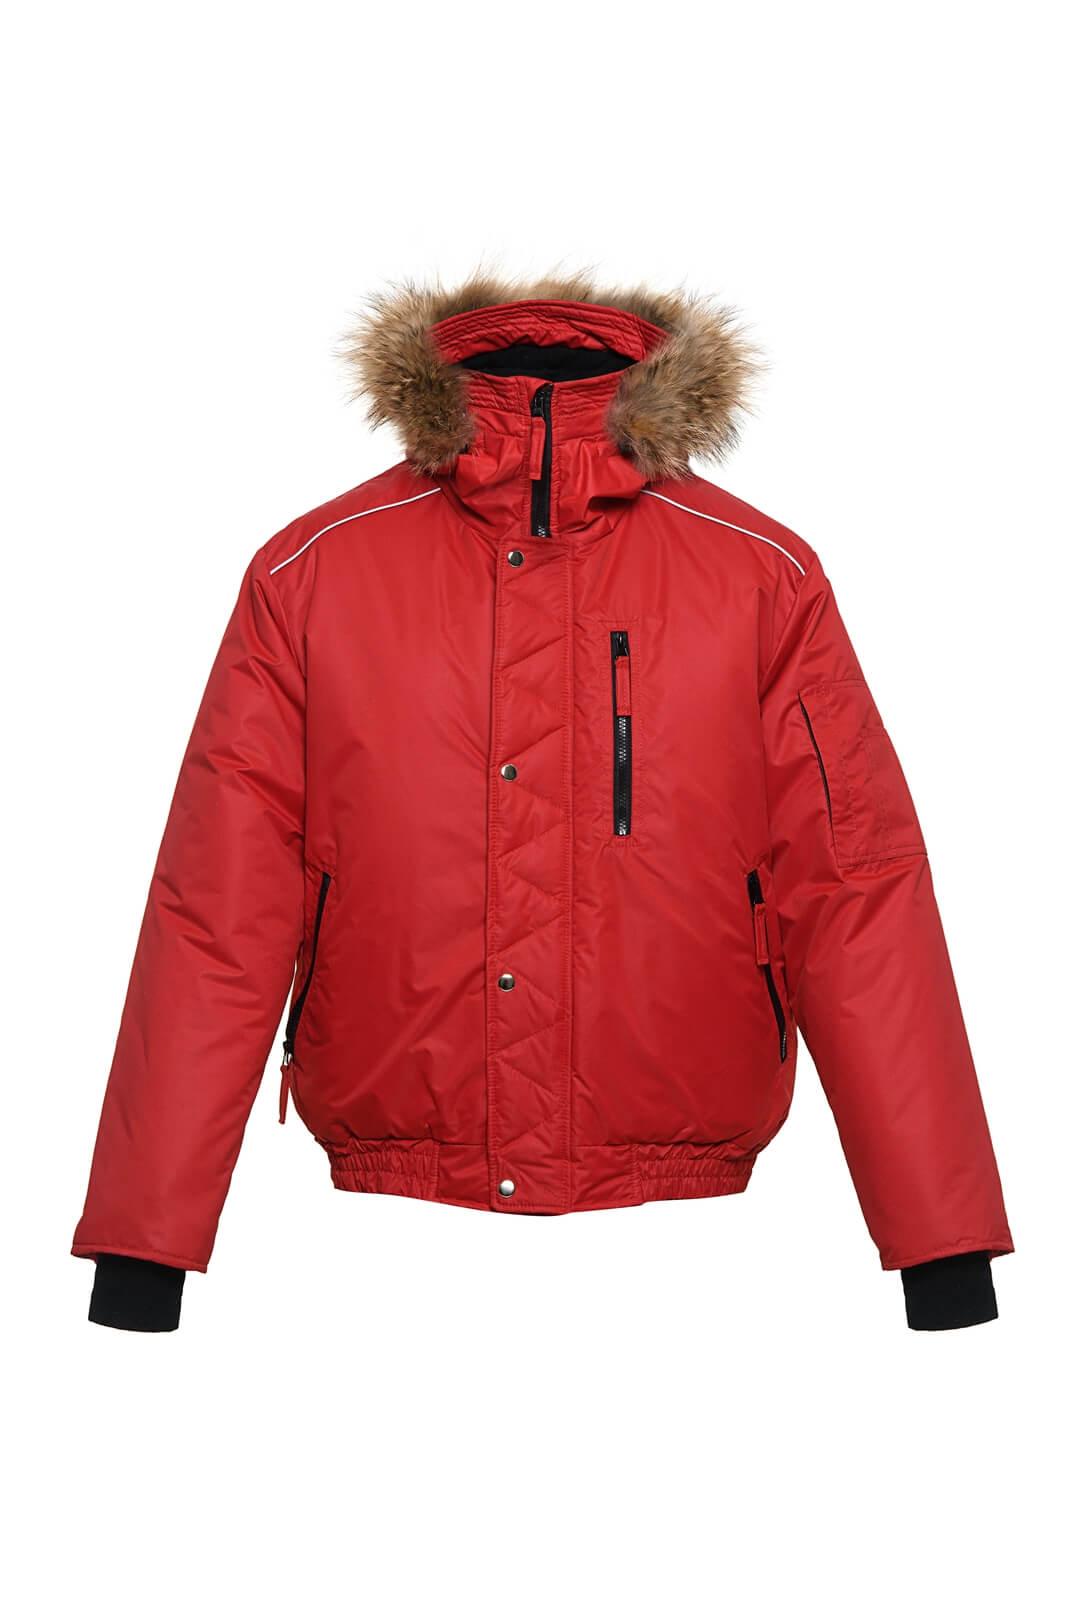 Куртка зимняя рабочая короткая - VT STYLE